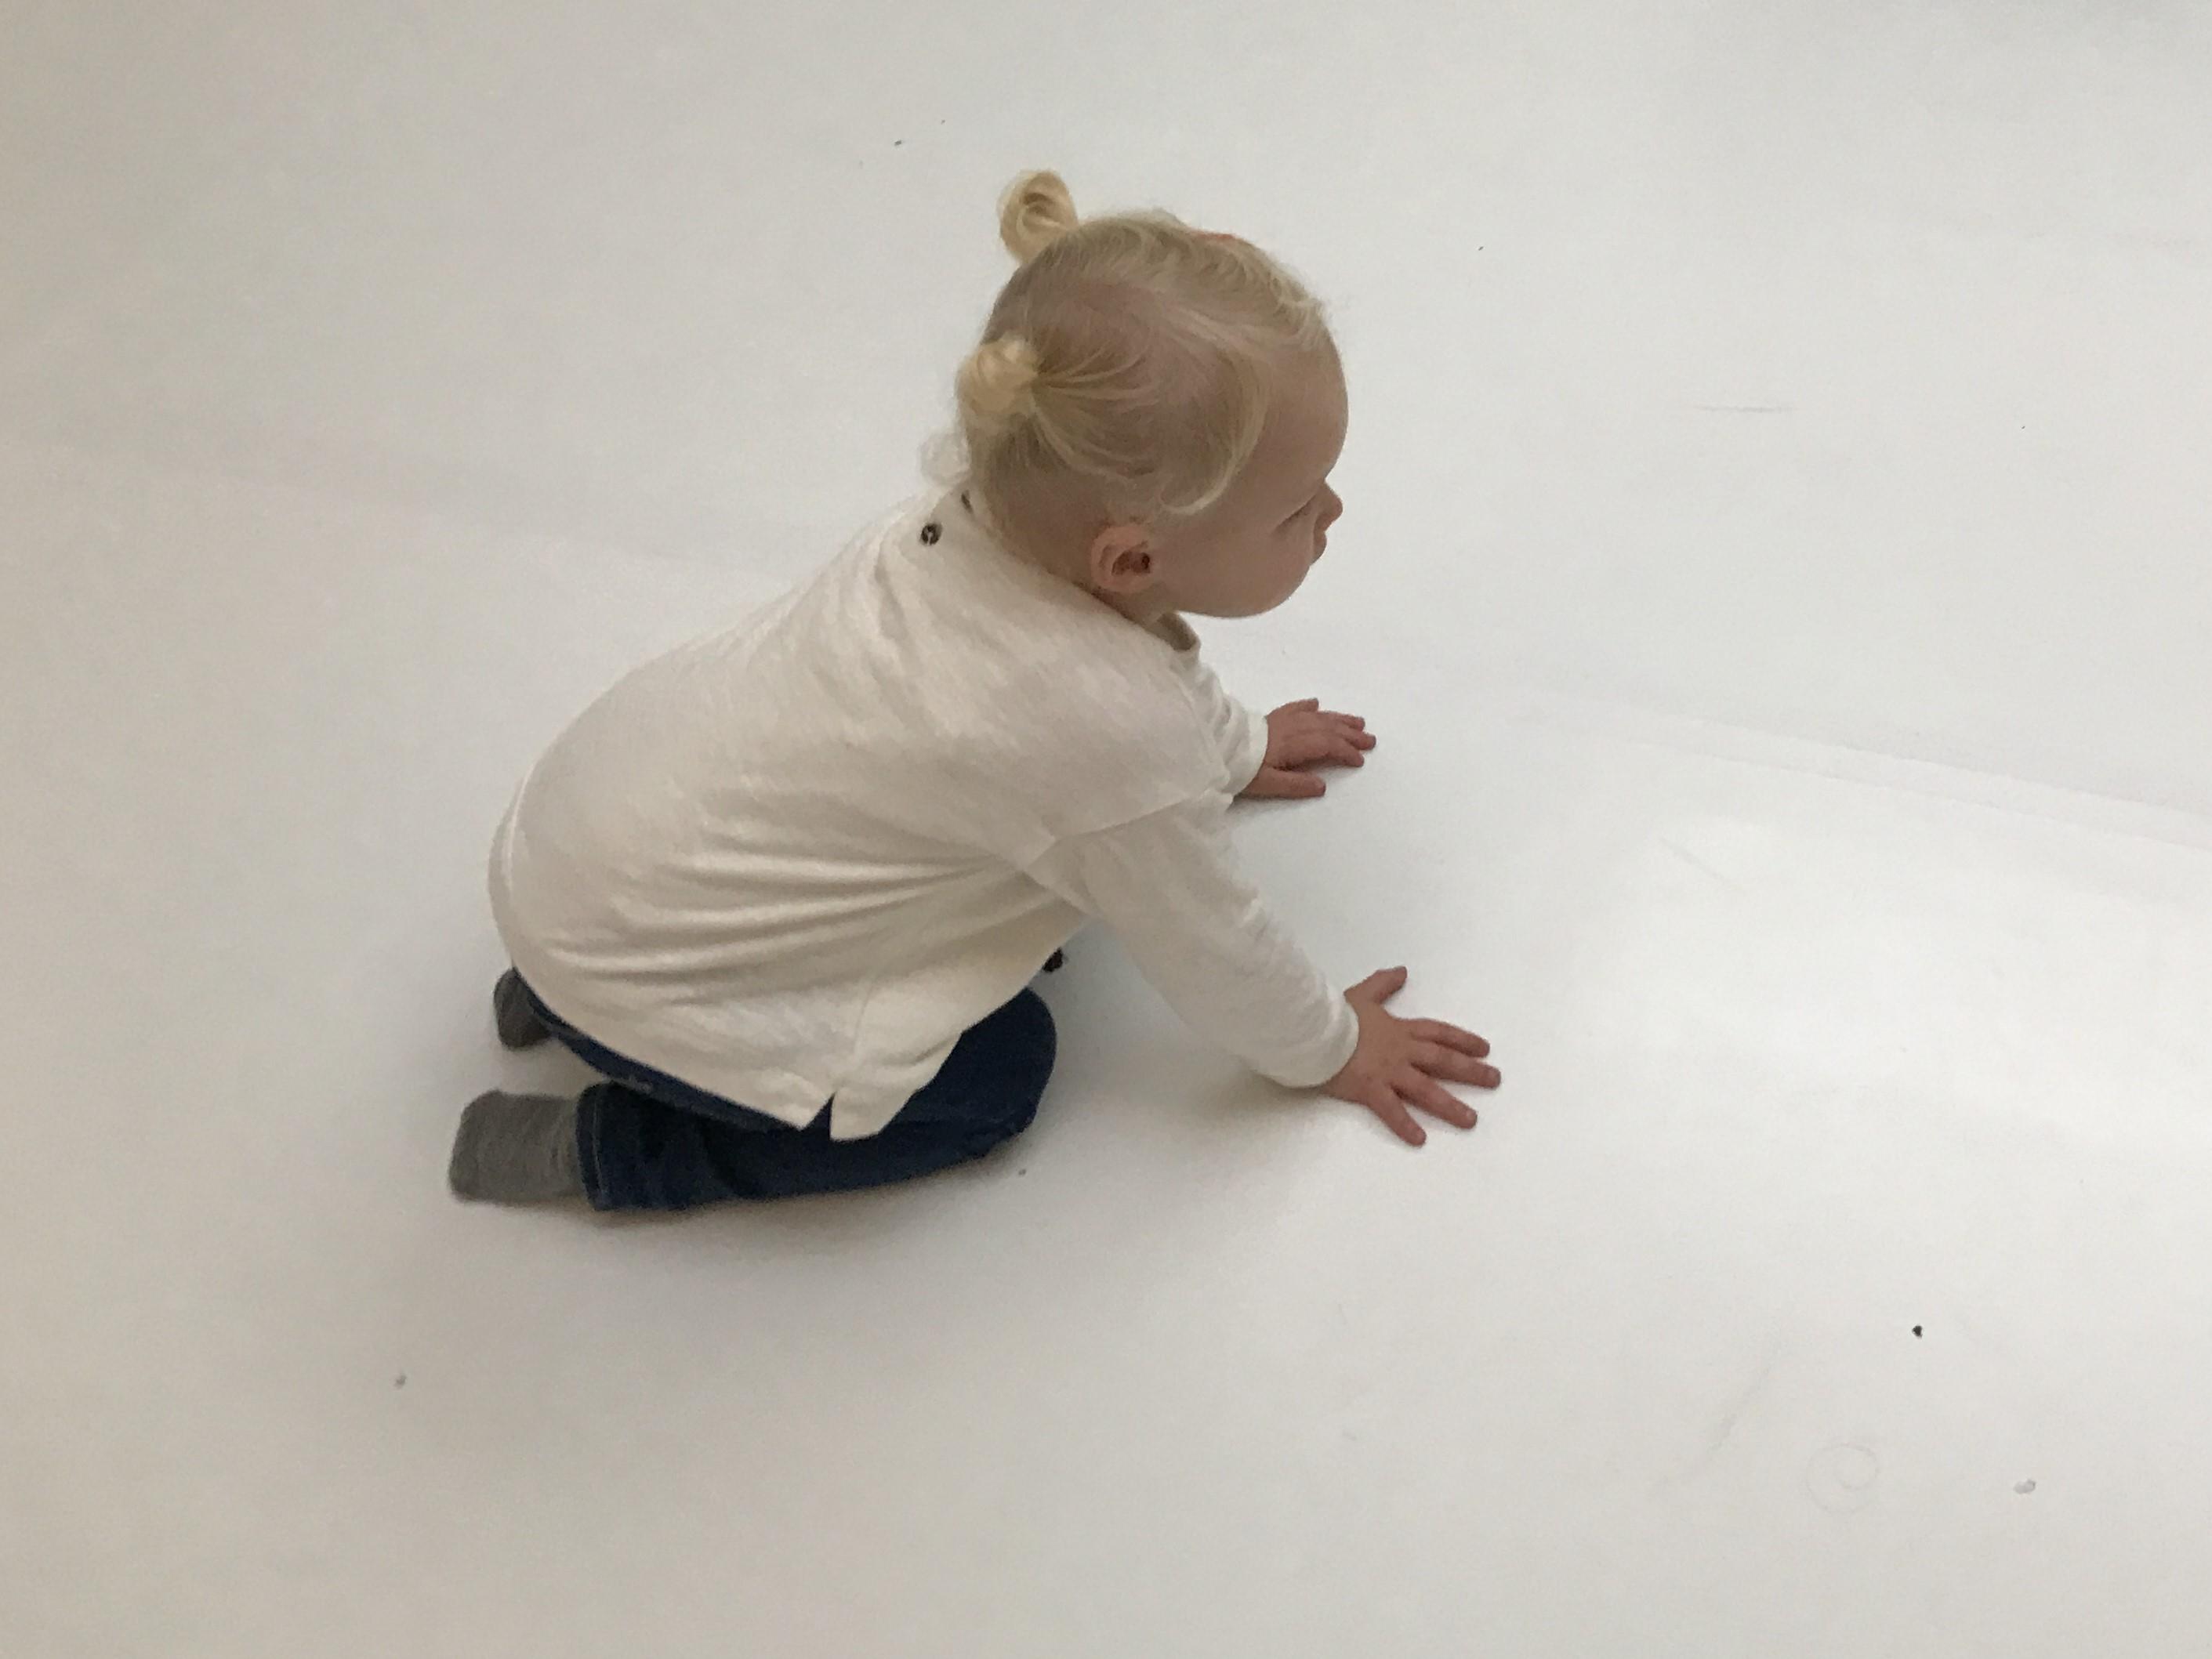 10-17-peuterdans-twee-jaar-2-kinderen-peuter-sport-bewegen-gezond-amsterdam-oost-vrijdag-dinsdag-dansen-dans-kastanje-herfst-baby-activiteit